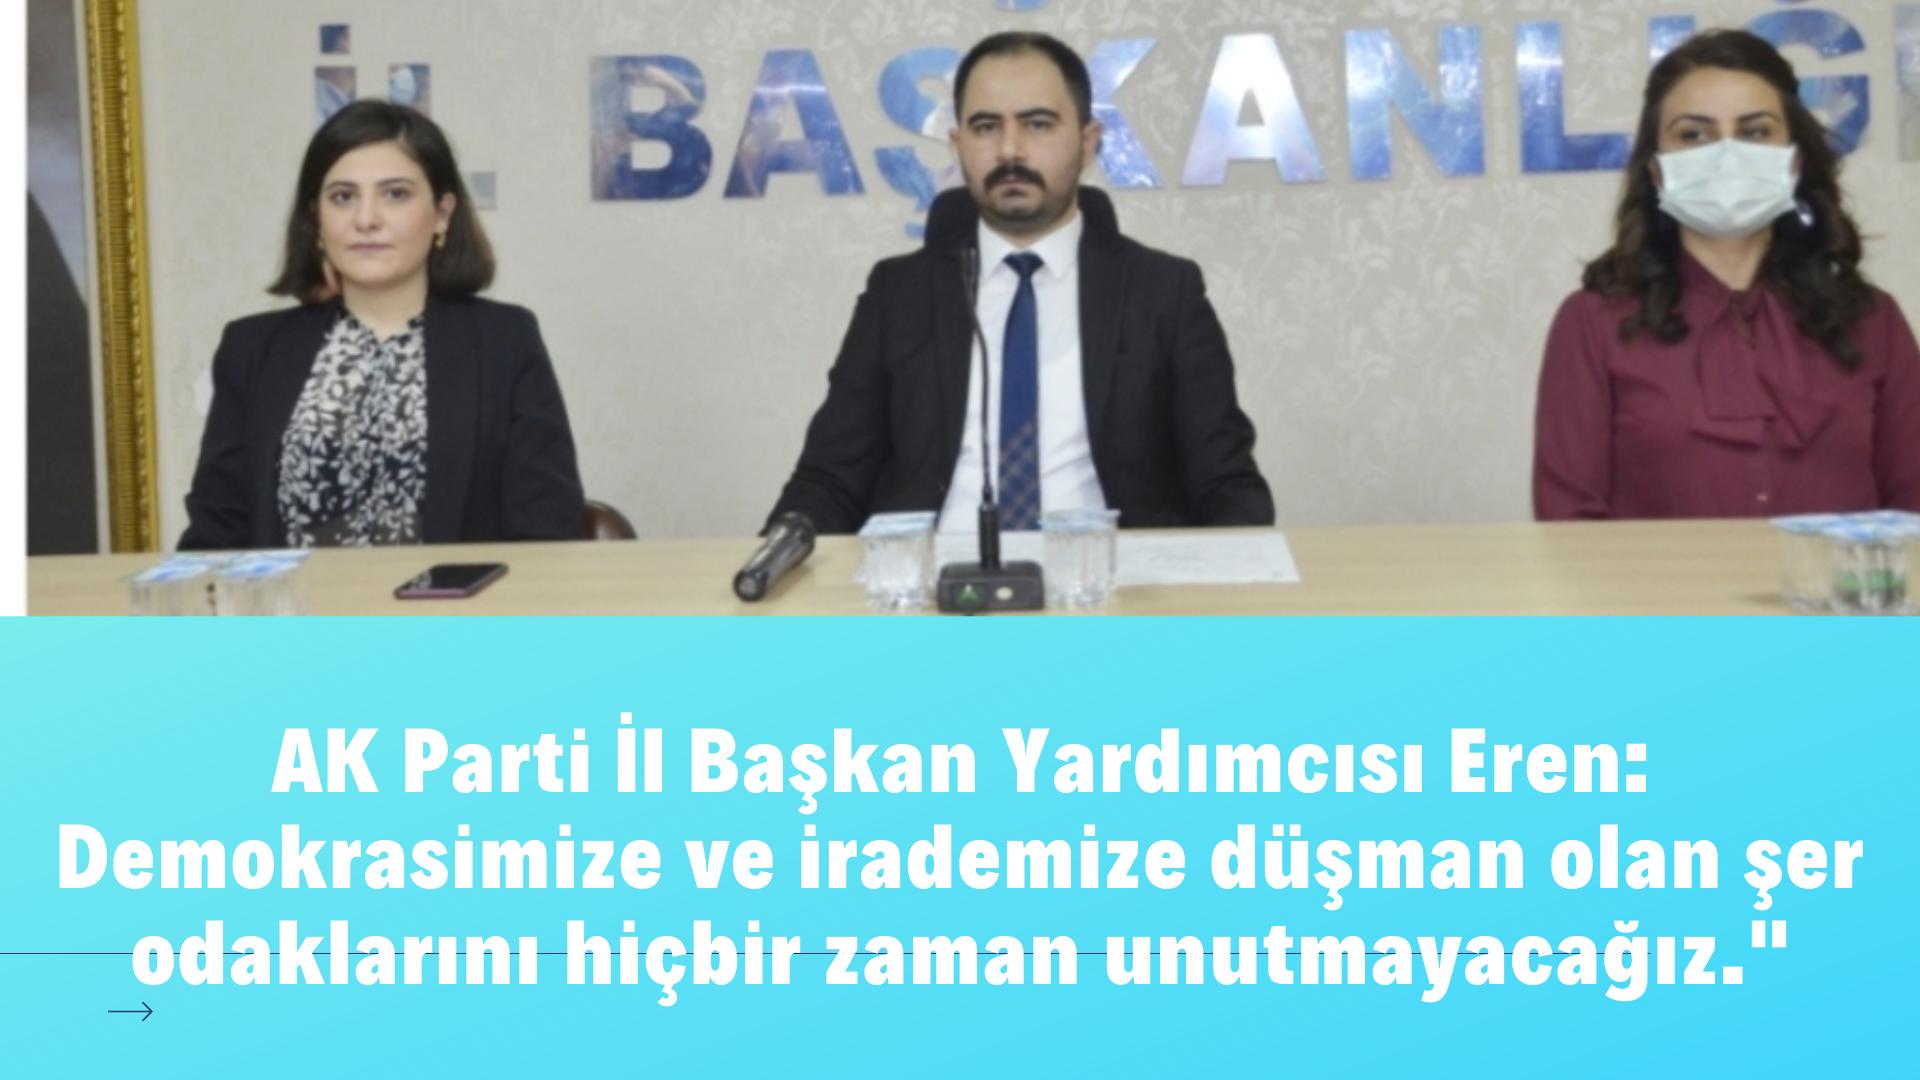 İl Başkan Yardımcısı Eren'den 27 Mayıs Darbesiyle ilgili açıklama